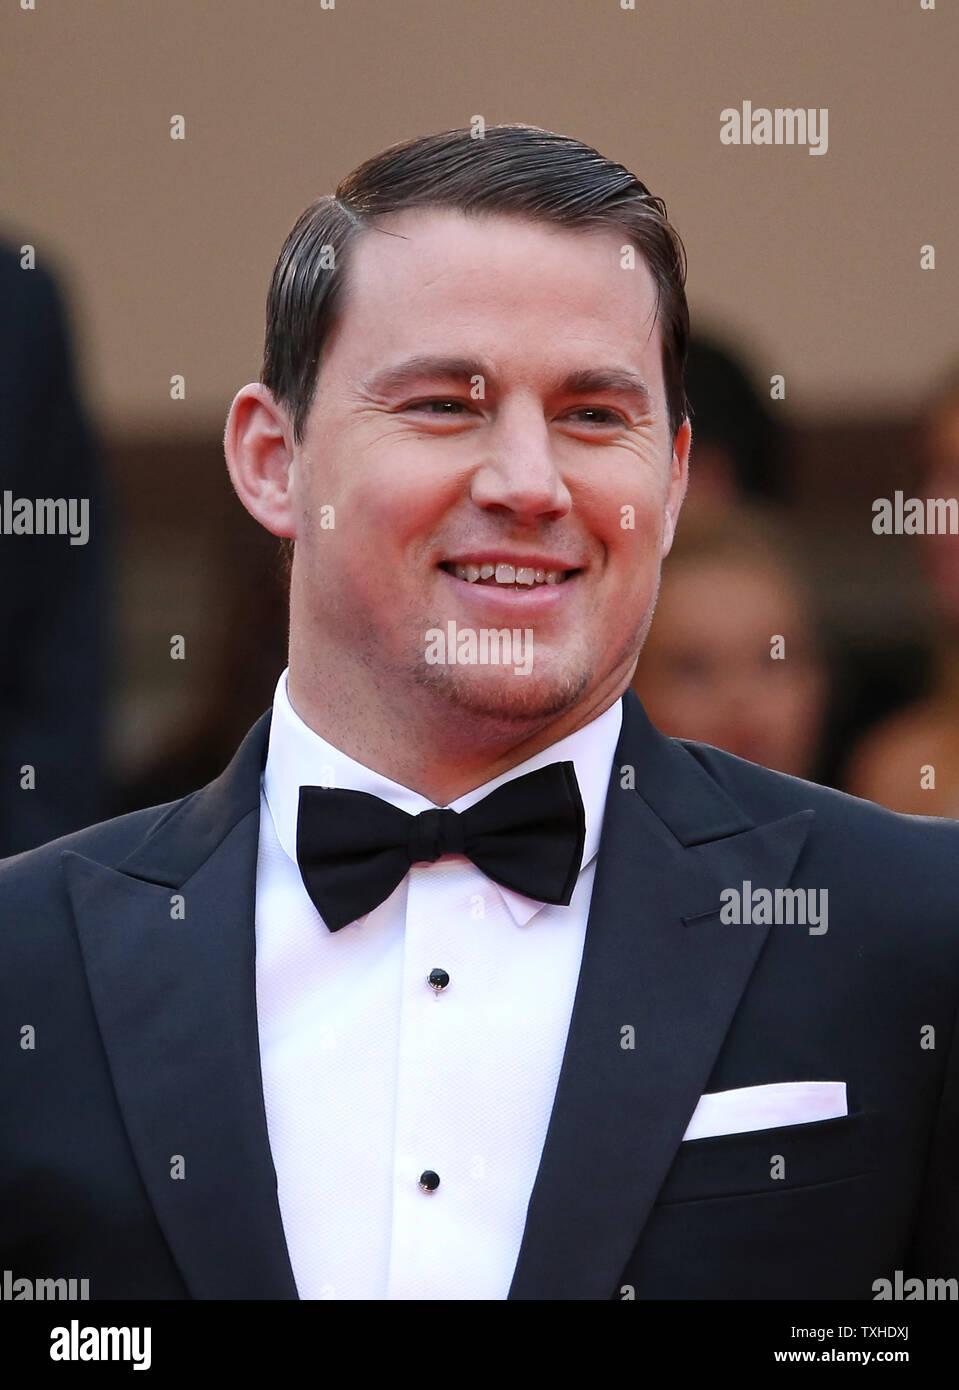 """Channing Tatum kommt auf den Stufen des Palais des Festivals vor der Vorführung des Films """"foxcatcher"""" während der 67. jährliche Internationale Filmfestspiele von Cannes in Cannes, Frankreich am 19. Mai 2014. UPI/David Silpa Stockfoto"""